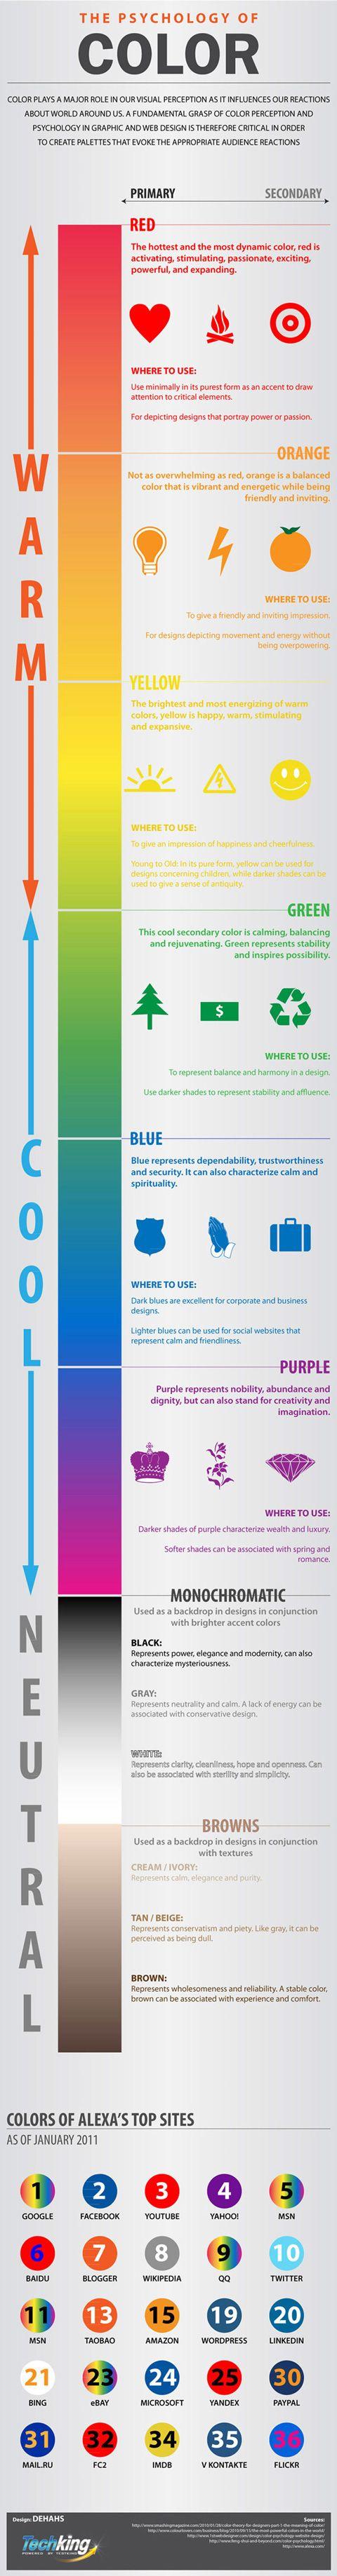 La psychologie des couleurs dans le Webdesign